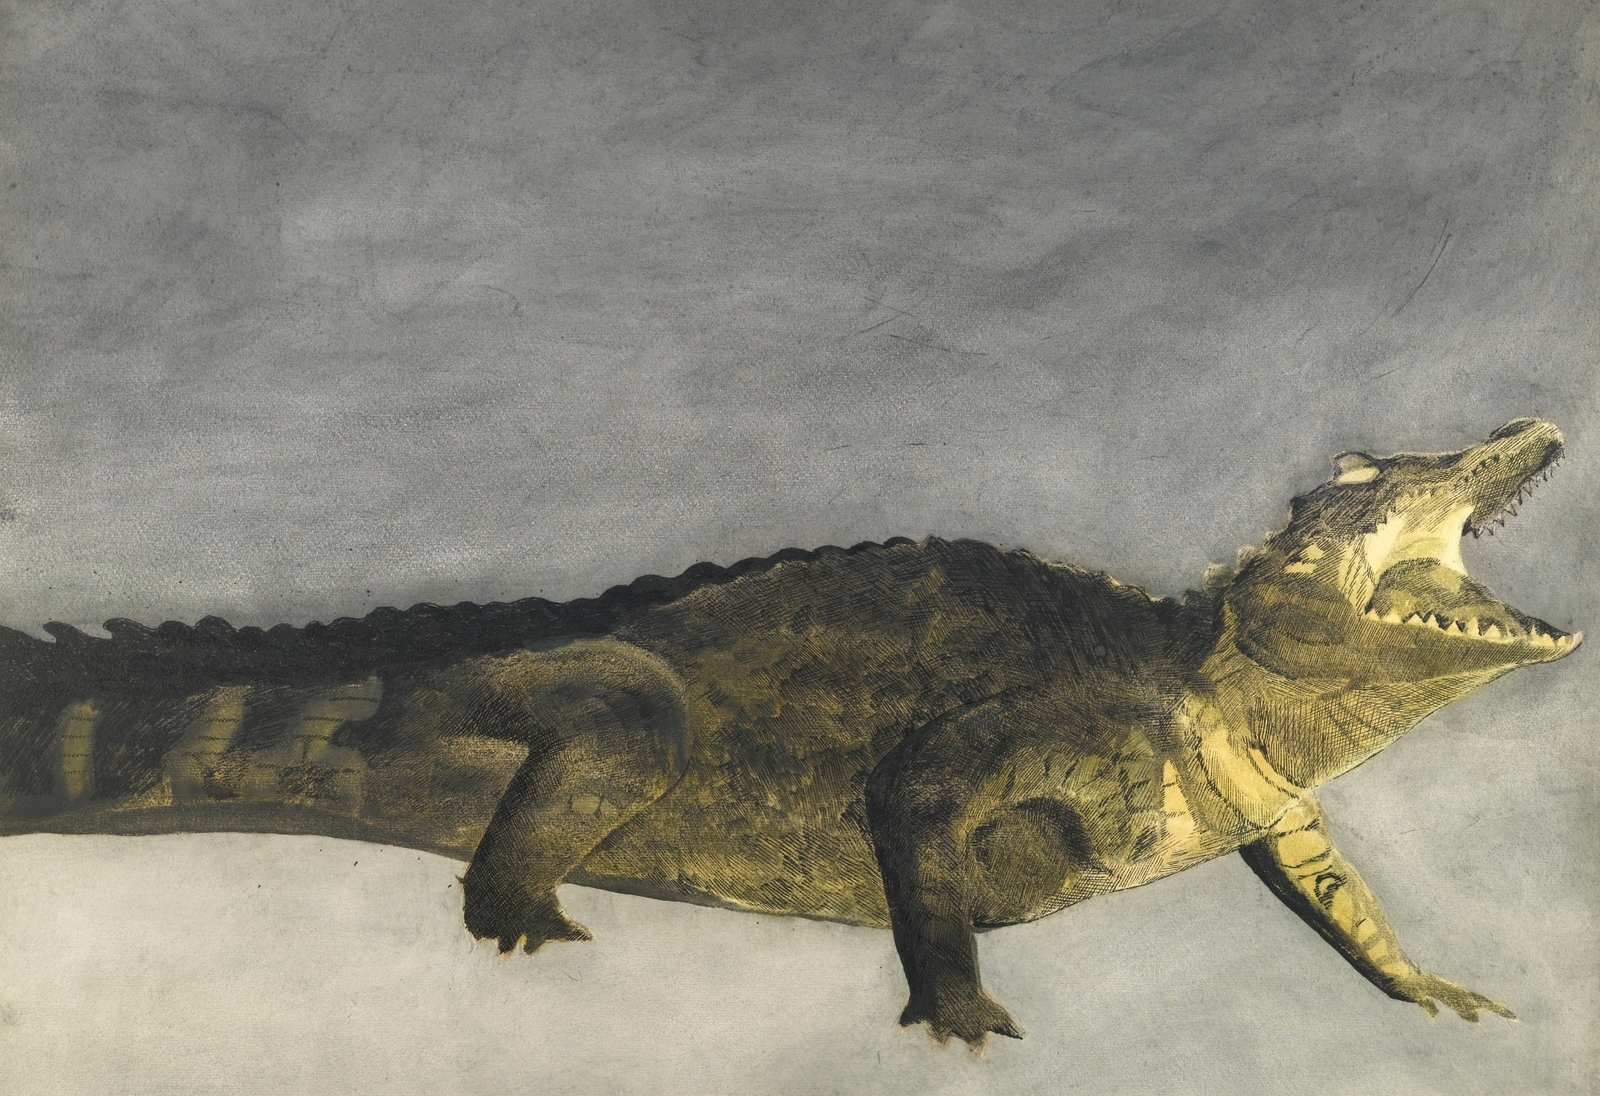 1933_Крокодил на сером фоне (Crocodile sur fond gris)_55.5 х 76.6_бумага, акварель, карандаш, перо и тушь_Частное собрание.jpg